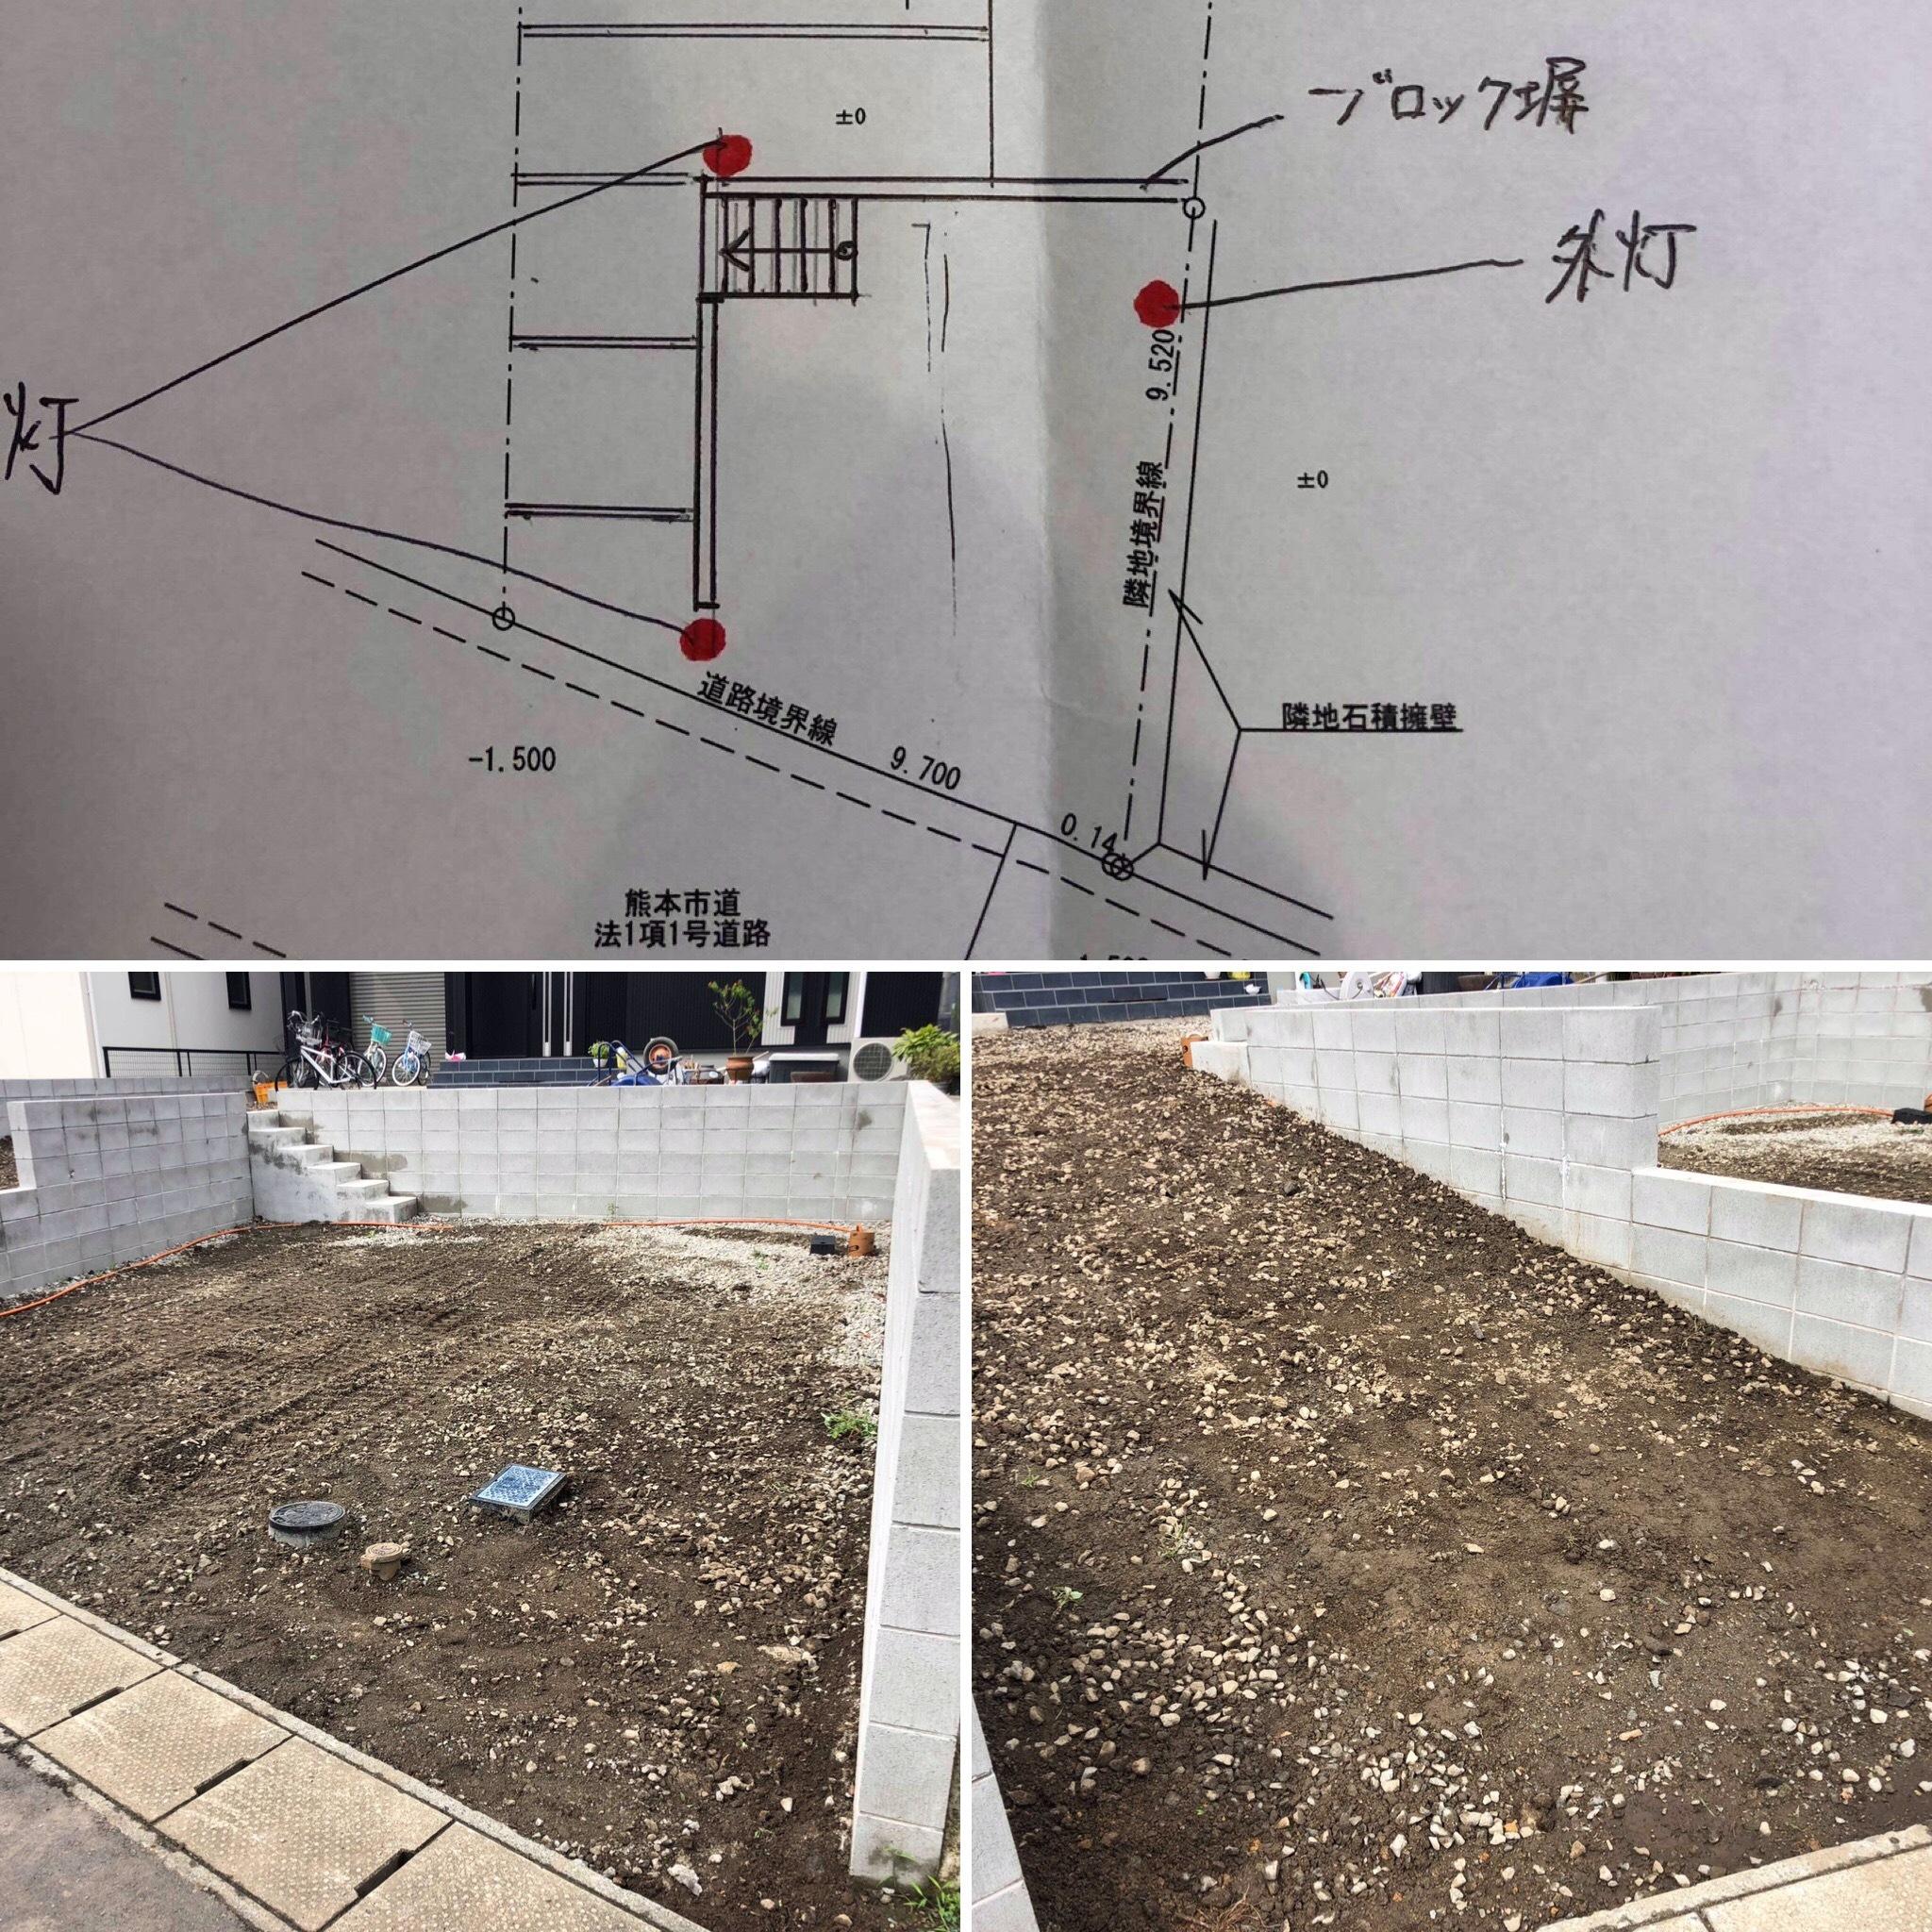 【熊本】「100m2未満なら断然透水性コンクリートが安い!」アスファルトに代わり小規模・全国対応する新マテリアル(Before)